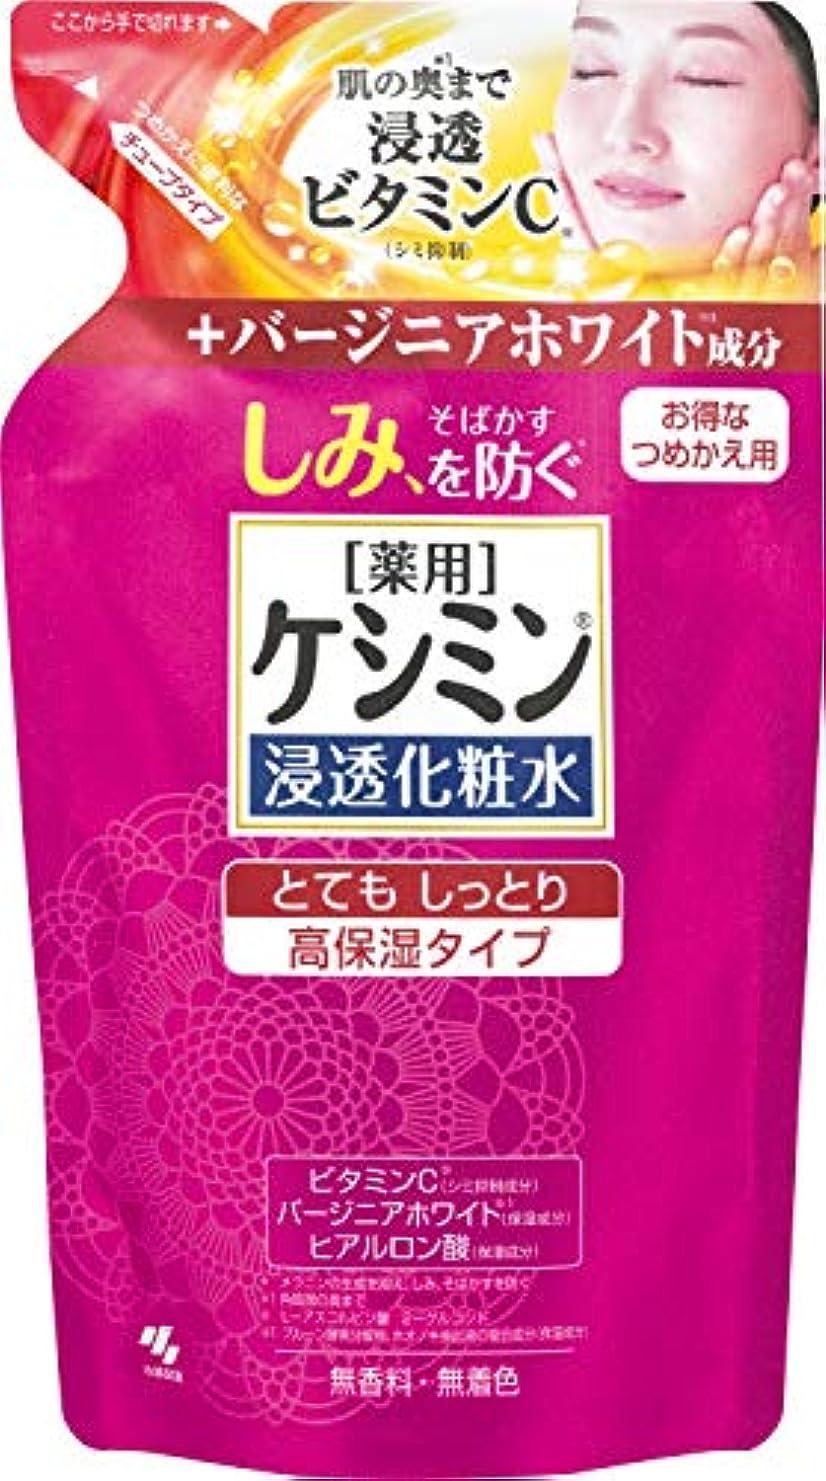 透過性探検宝ケシミン浸透化粧水 とてもしっとり 詰め替え用 シミを防ぐ 140ml 【医薬部外品】